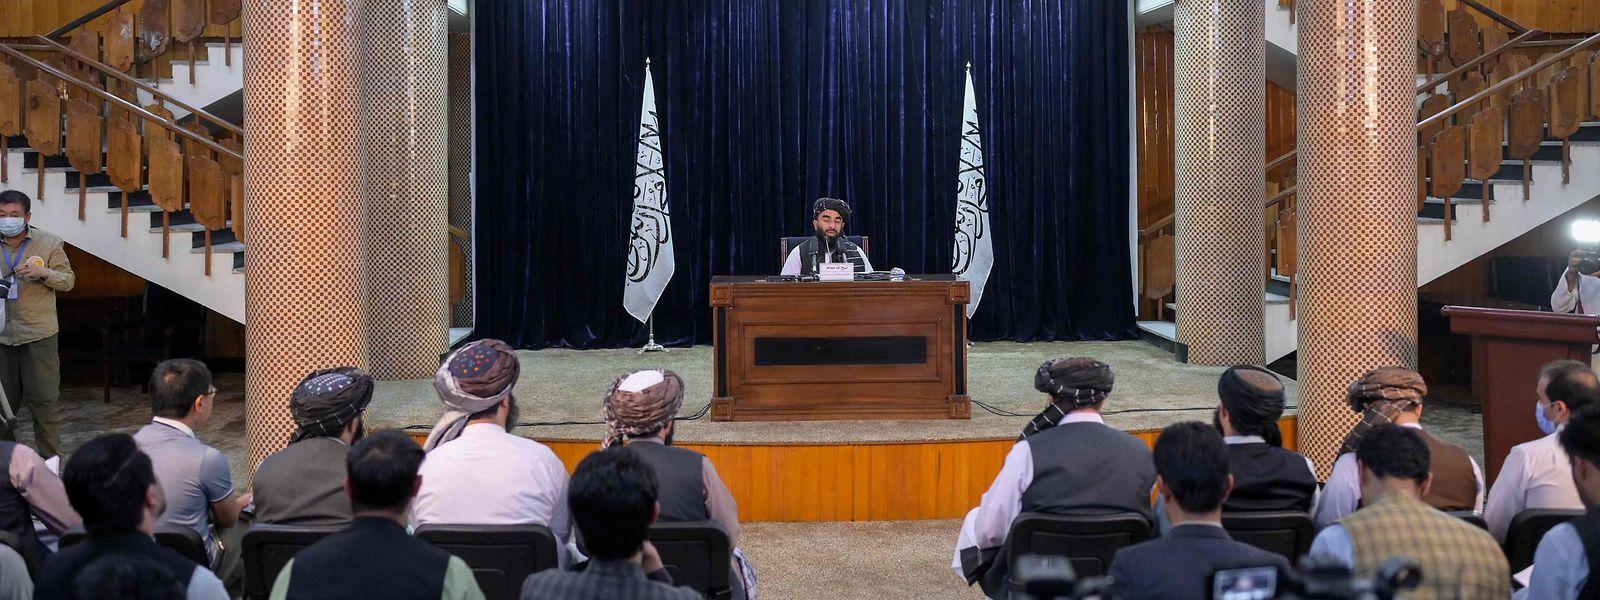 Chefe de imprensa dos taliban numa conferência com os media, na capital afegã.